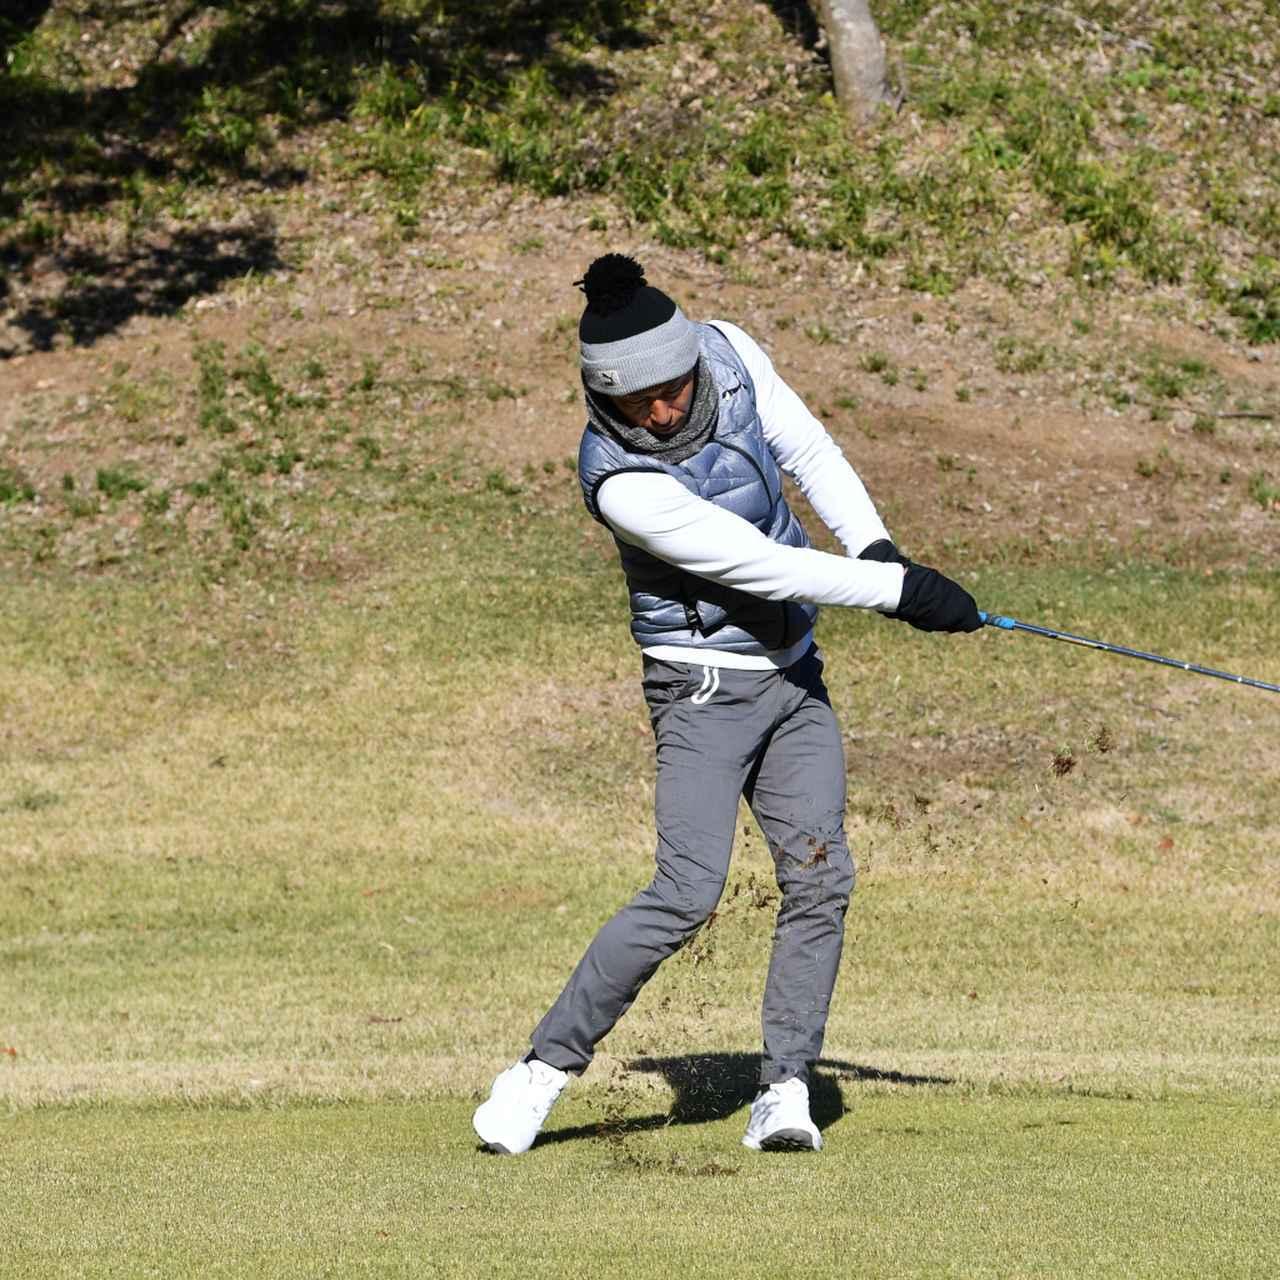 画像9: 【冬ゴルフのスコアメーク】今すぐ試したいテクニック「ティショット&セカンド編」。ベストスコアを冬に出す